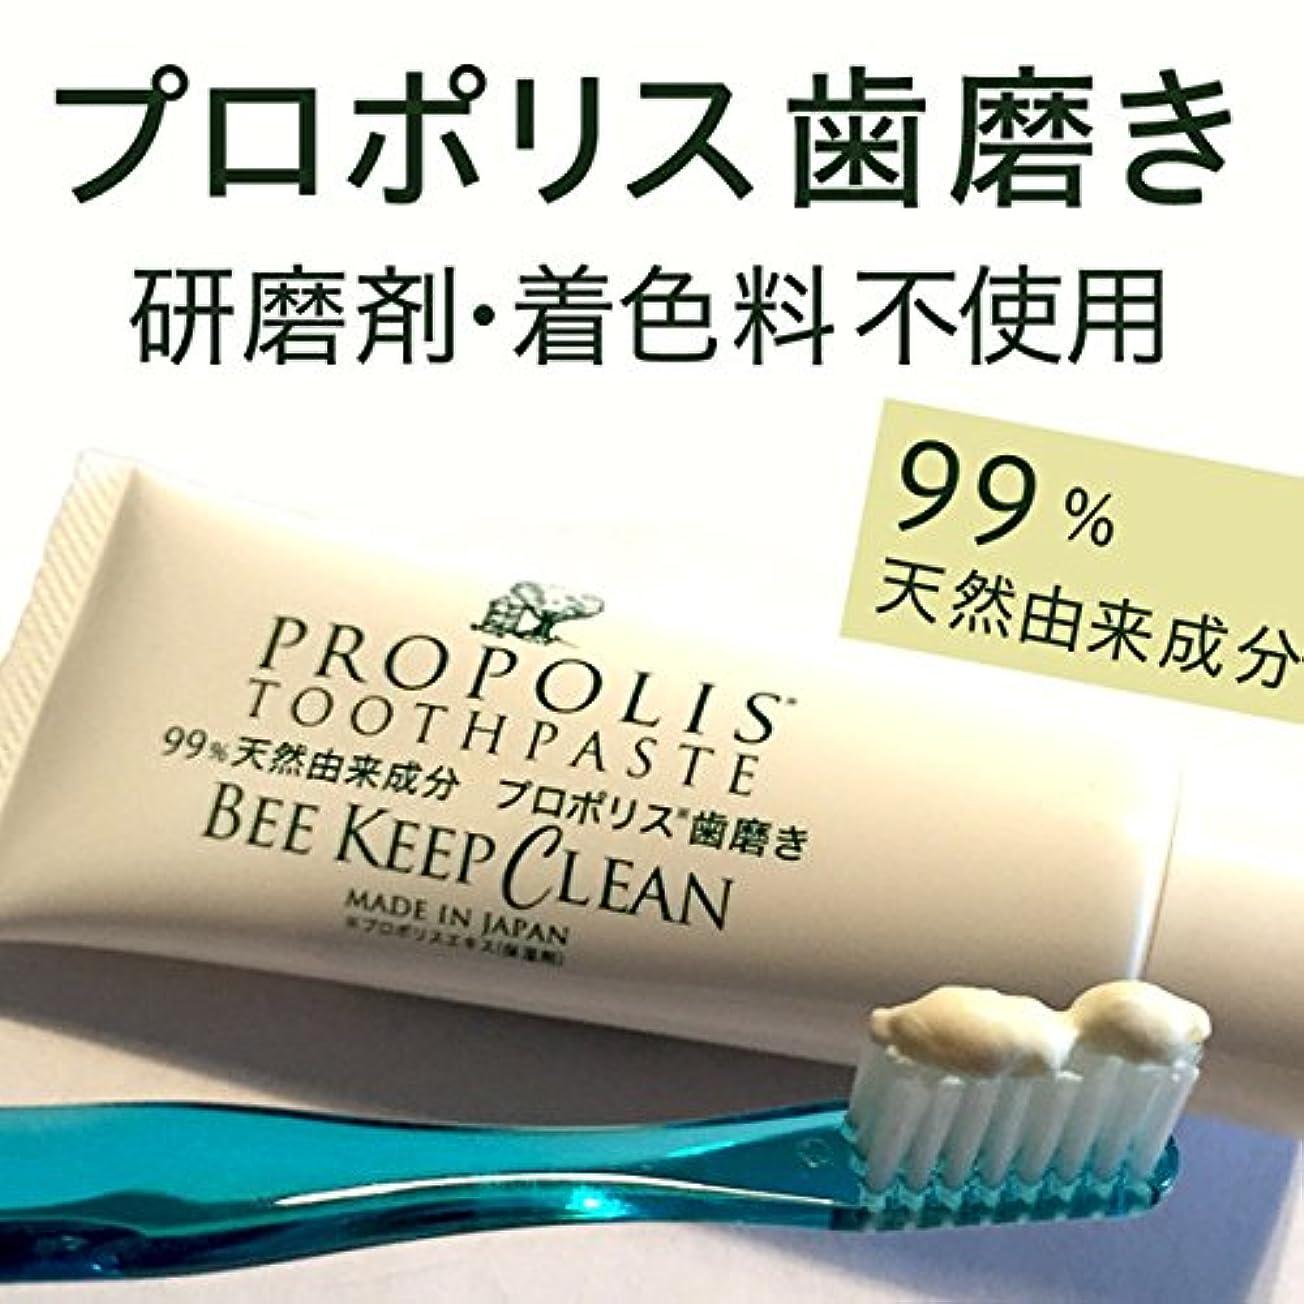 セーブうまれた見落とすプロポリス歯磨きビーキープクリーン100g